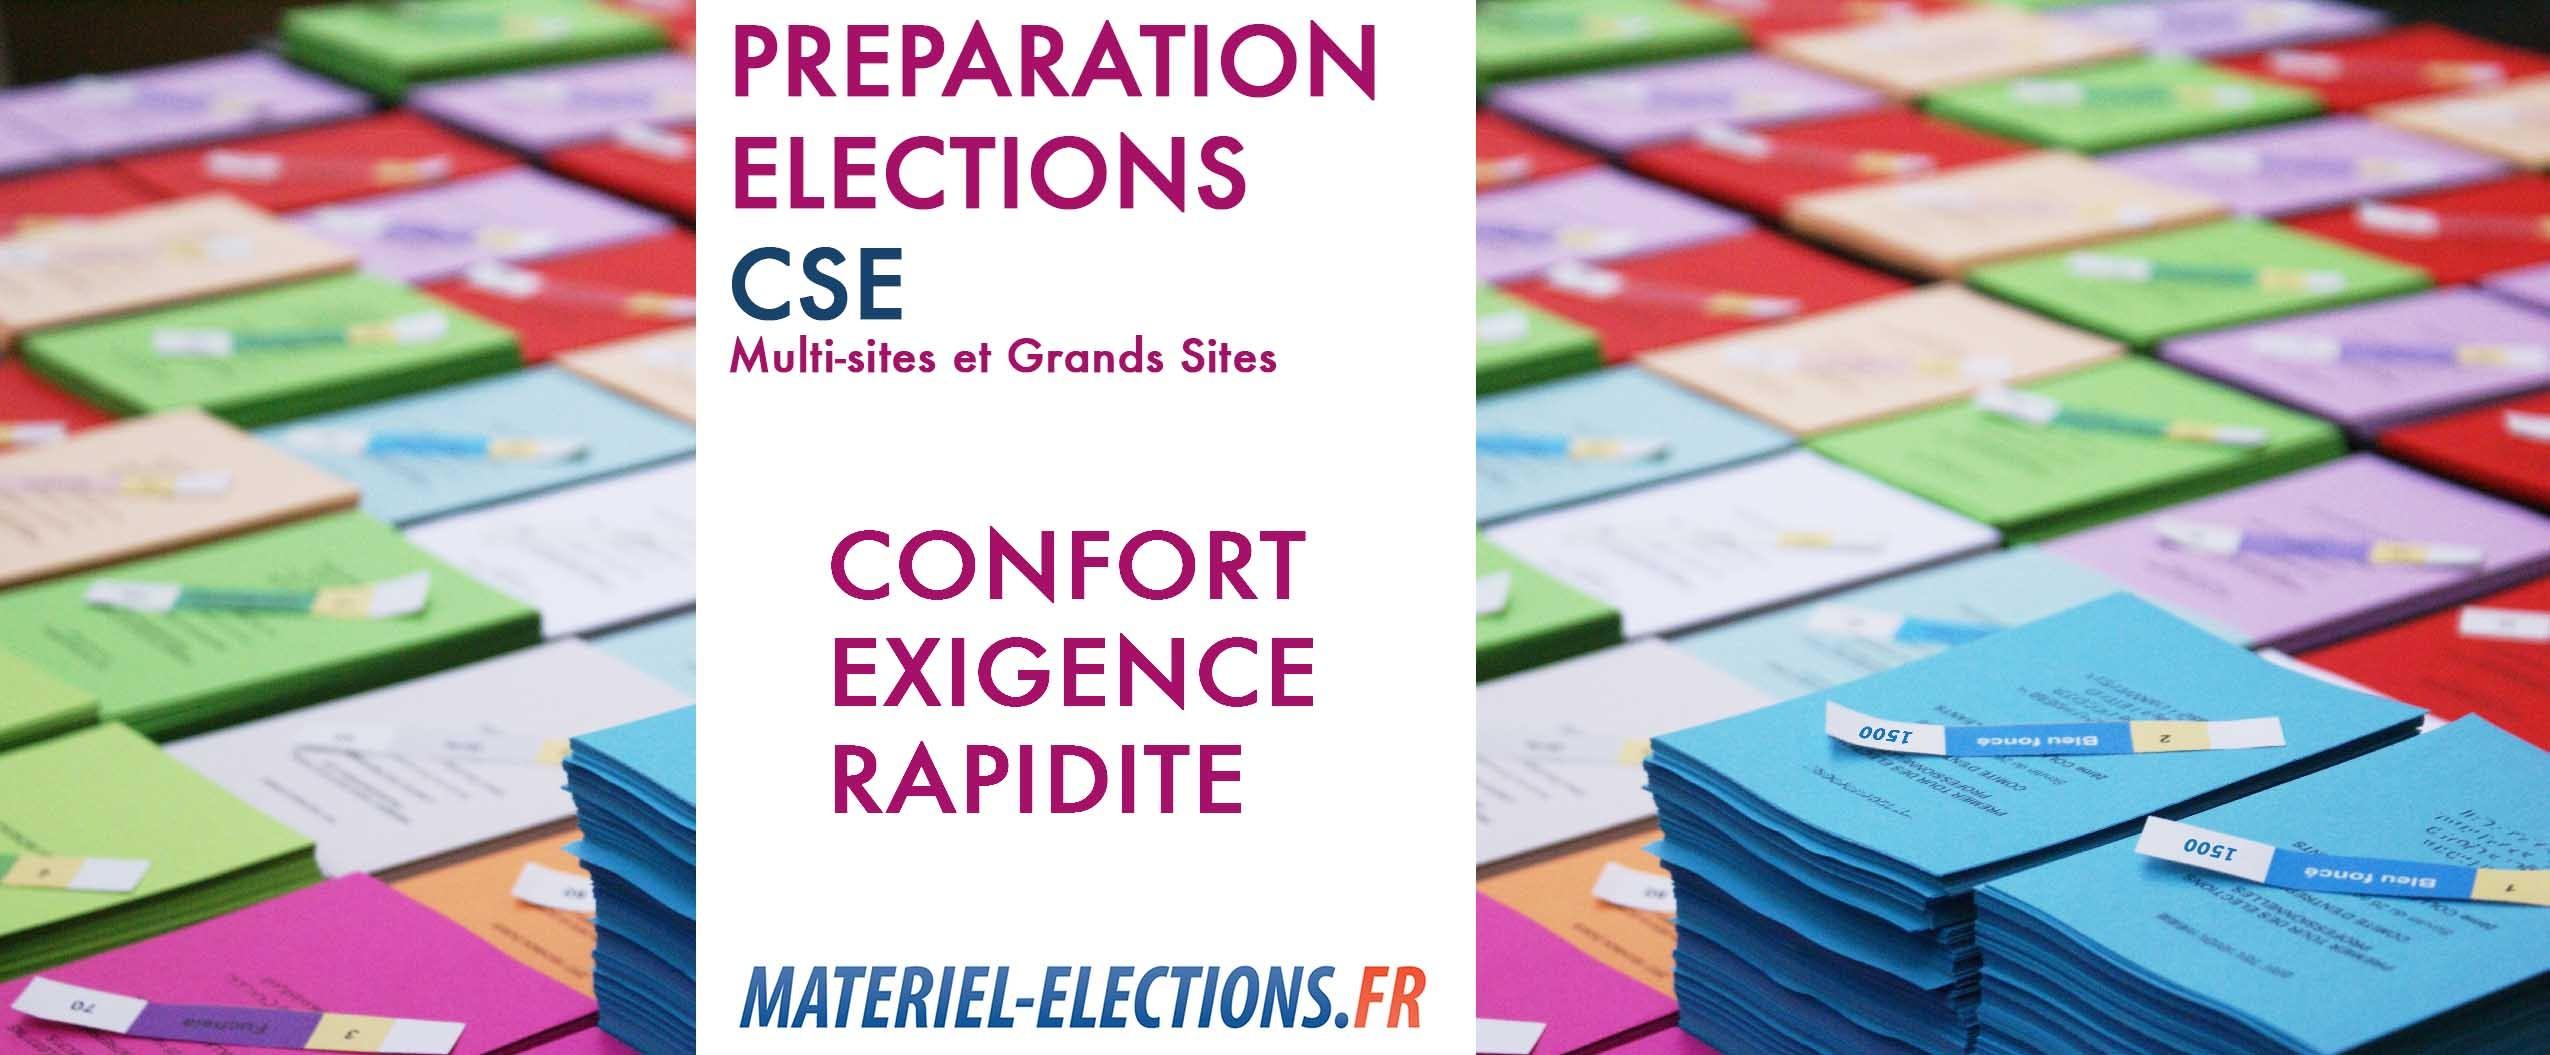 préparation des élections